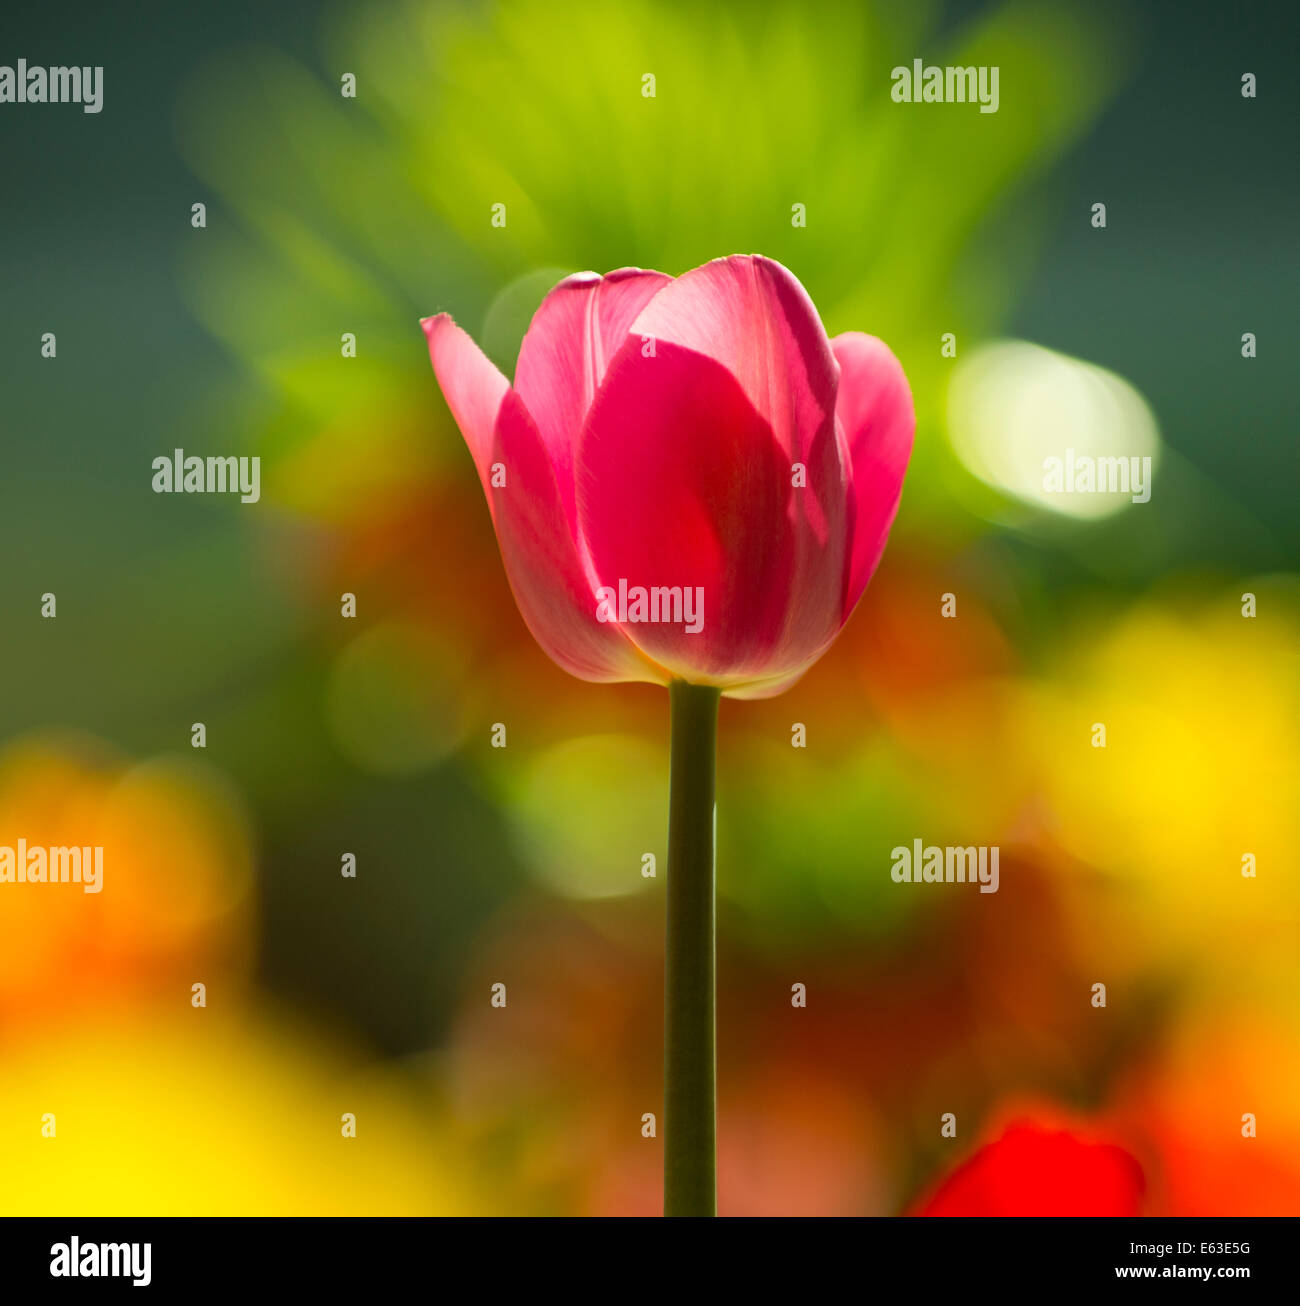 Blüten, Nahaufnahme von hinterleuchteten Red Tulip mit floralen der Hintergrund jedoch unscharf. USA Stockbild